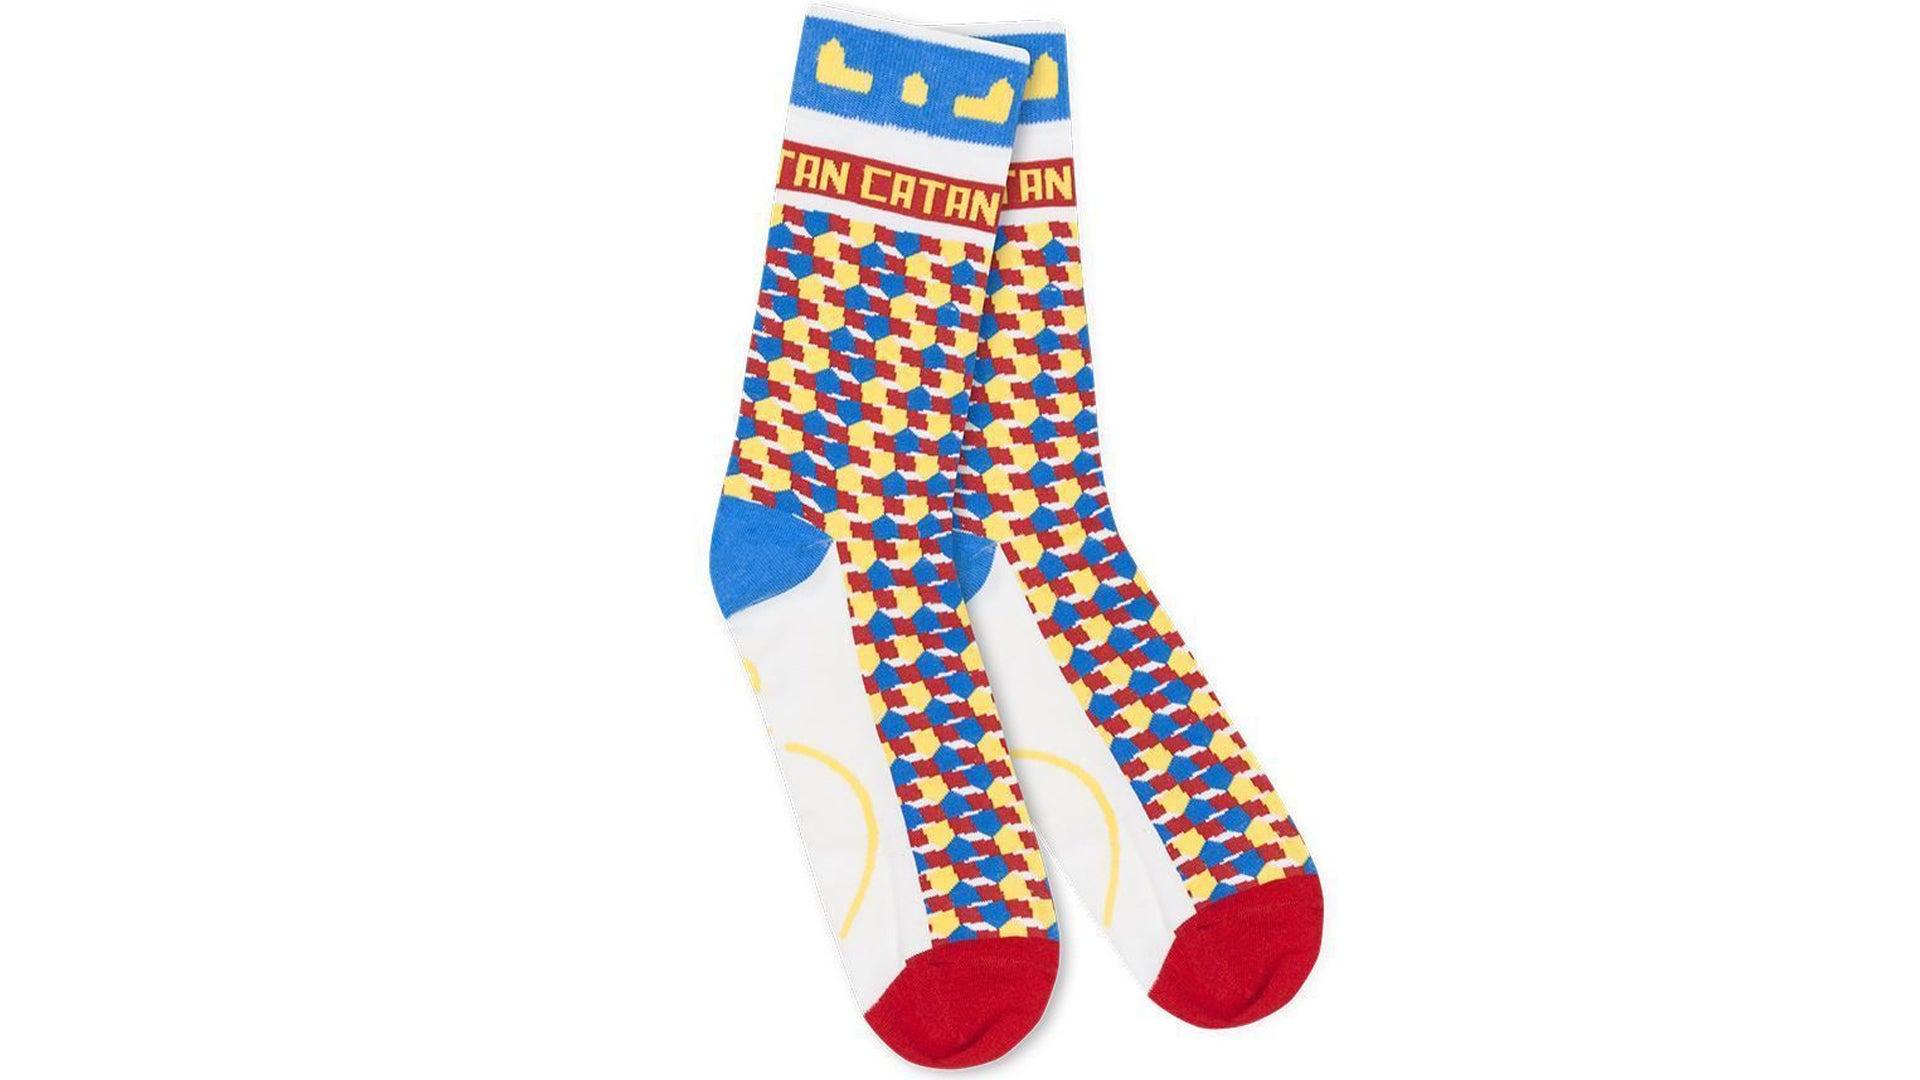 Catan Socks image